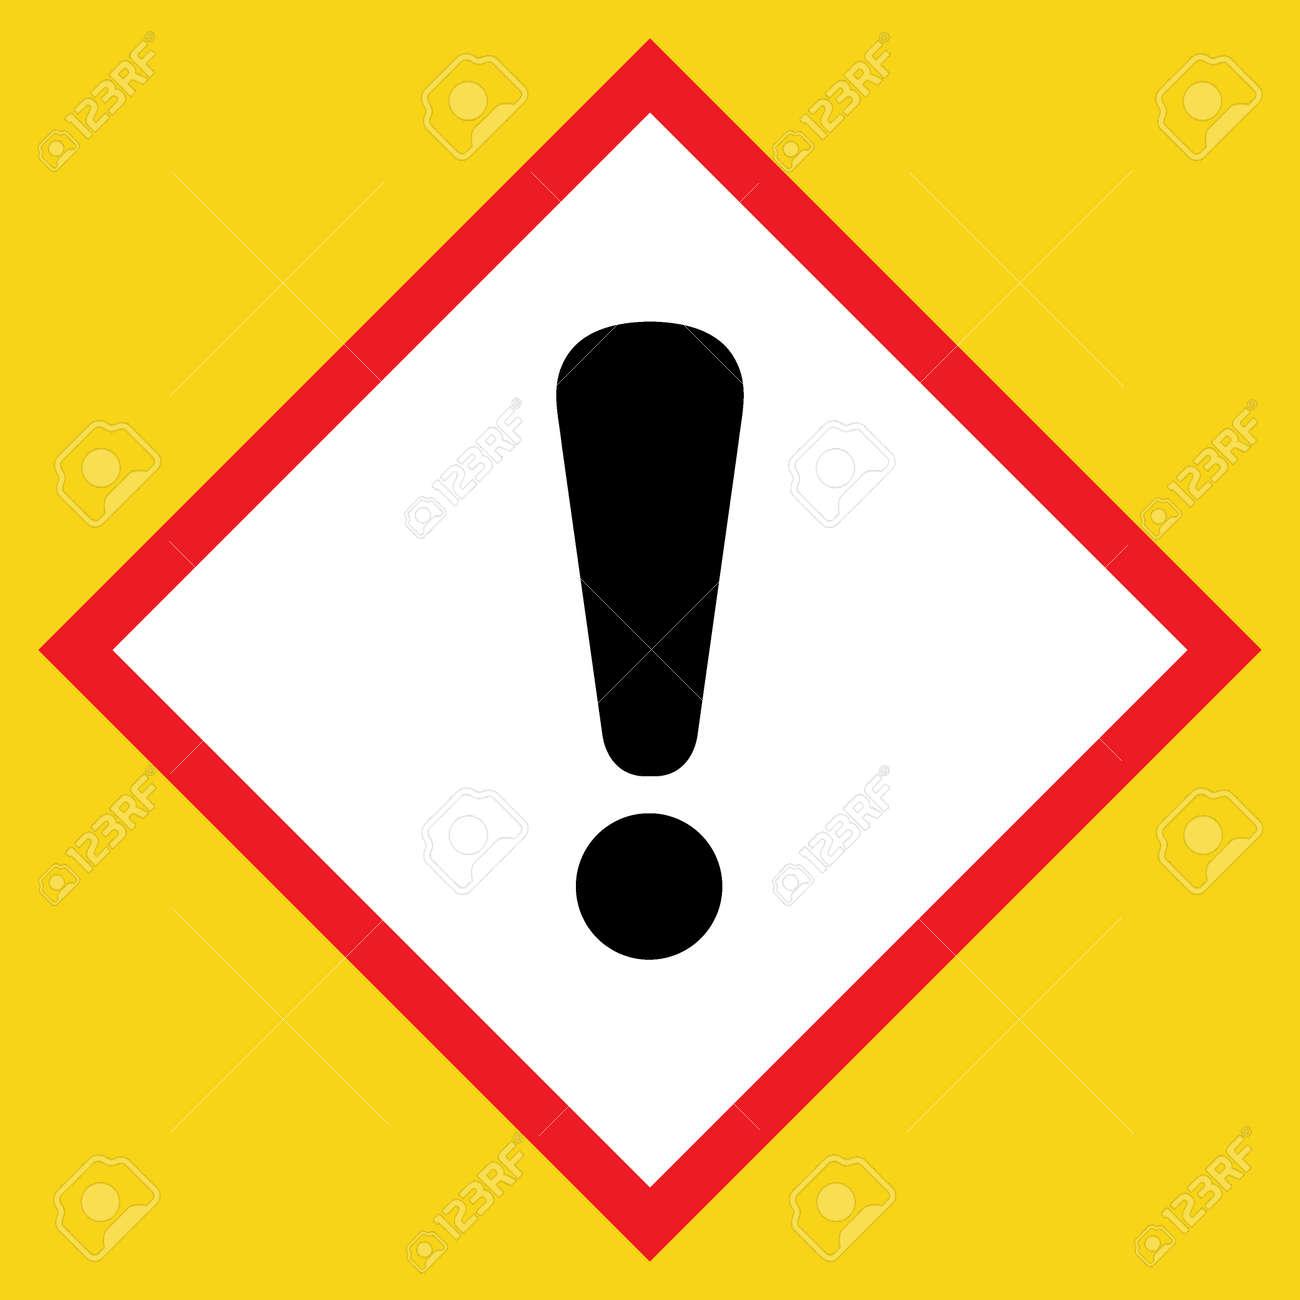 point de panneau noir exclamation hazard attention poste icone sur fond blanc dans un losange rouge isole sur un jaune symbole d avertissement